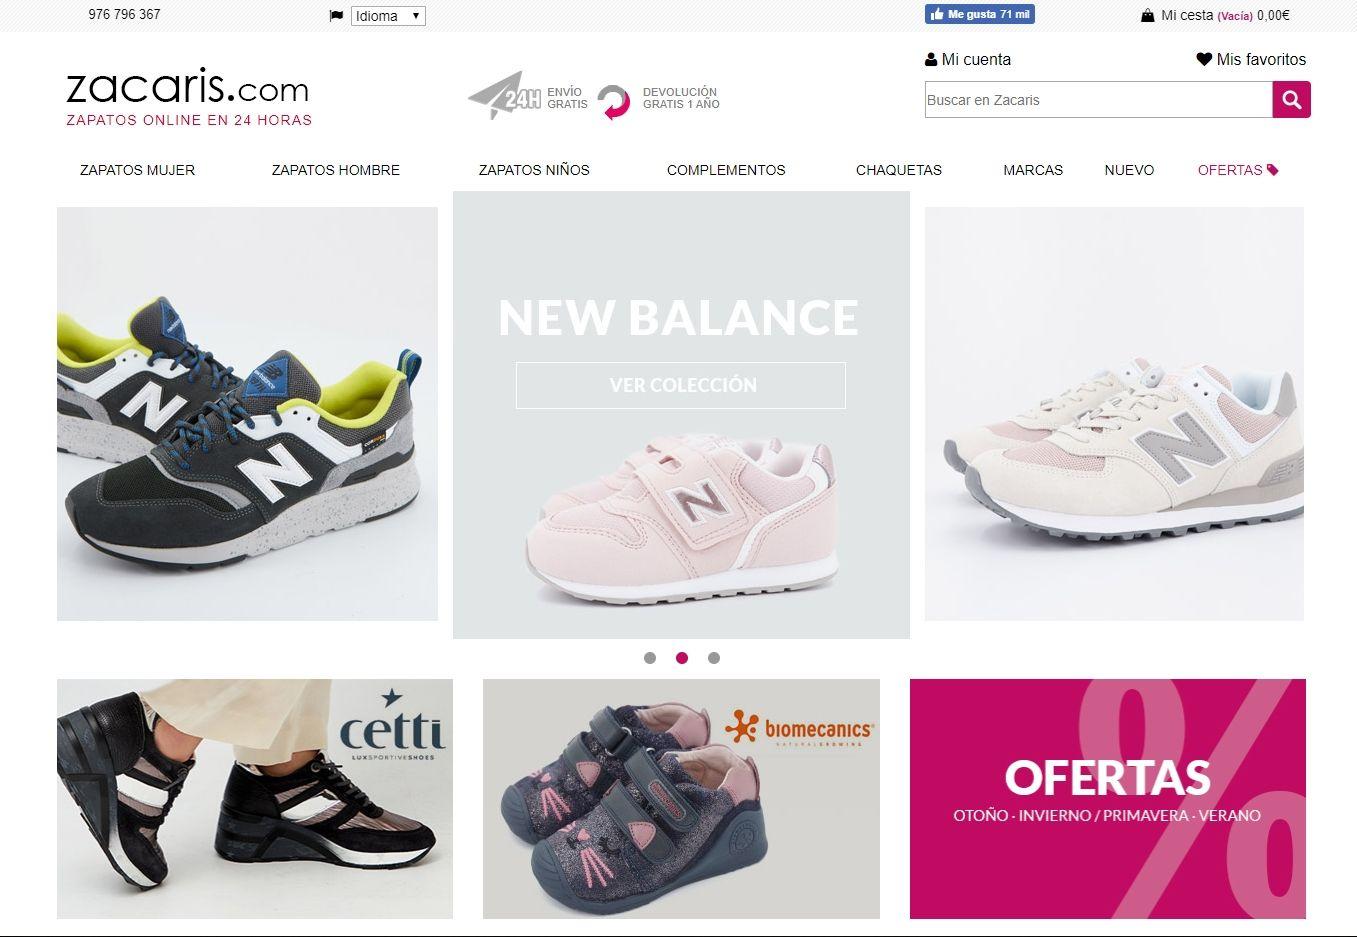 Zacaris купити онлайн з доставкою в Україну - myMeest - 2